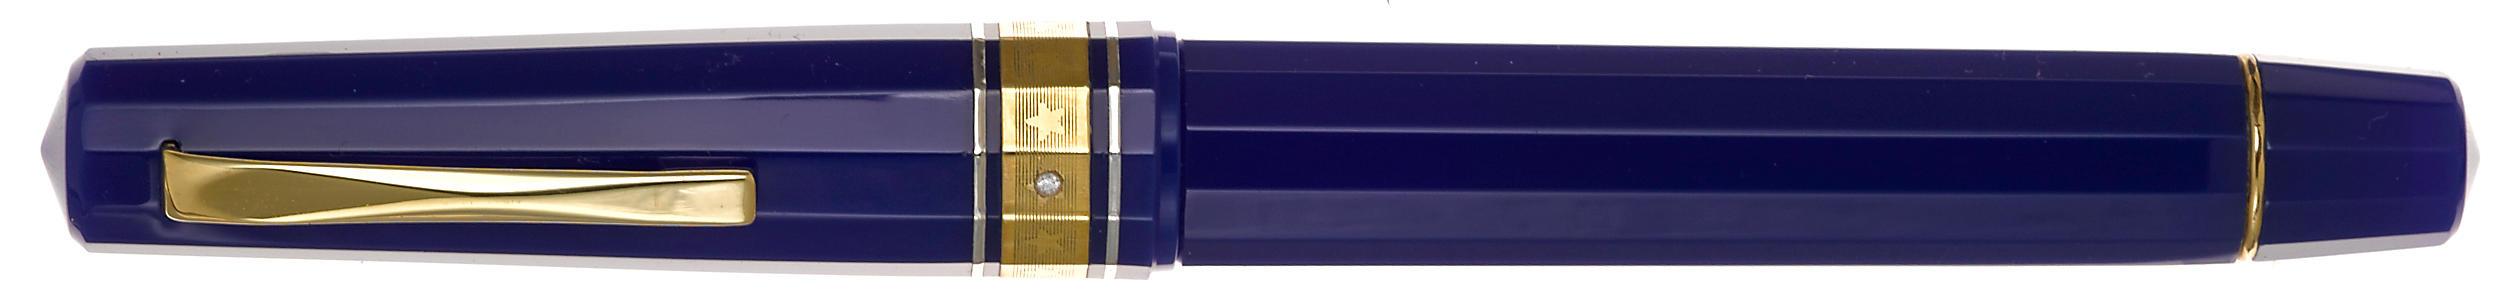 OMAS: Europa Limited Edition 3500 Fountain Pen